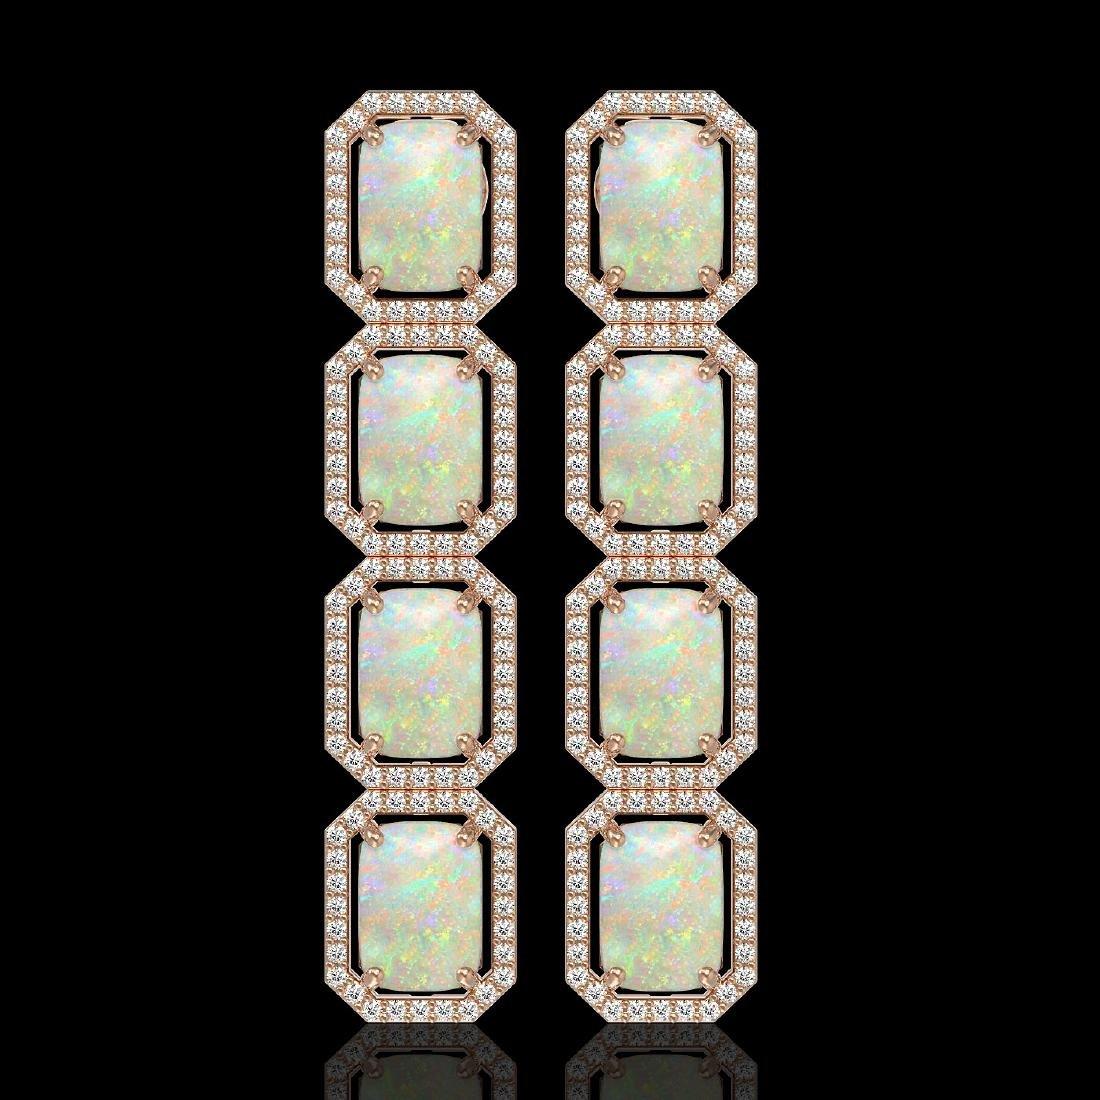 12.99 CTW Opal & Diamond Halo Earrings 10K Rose Gold